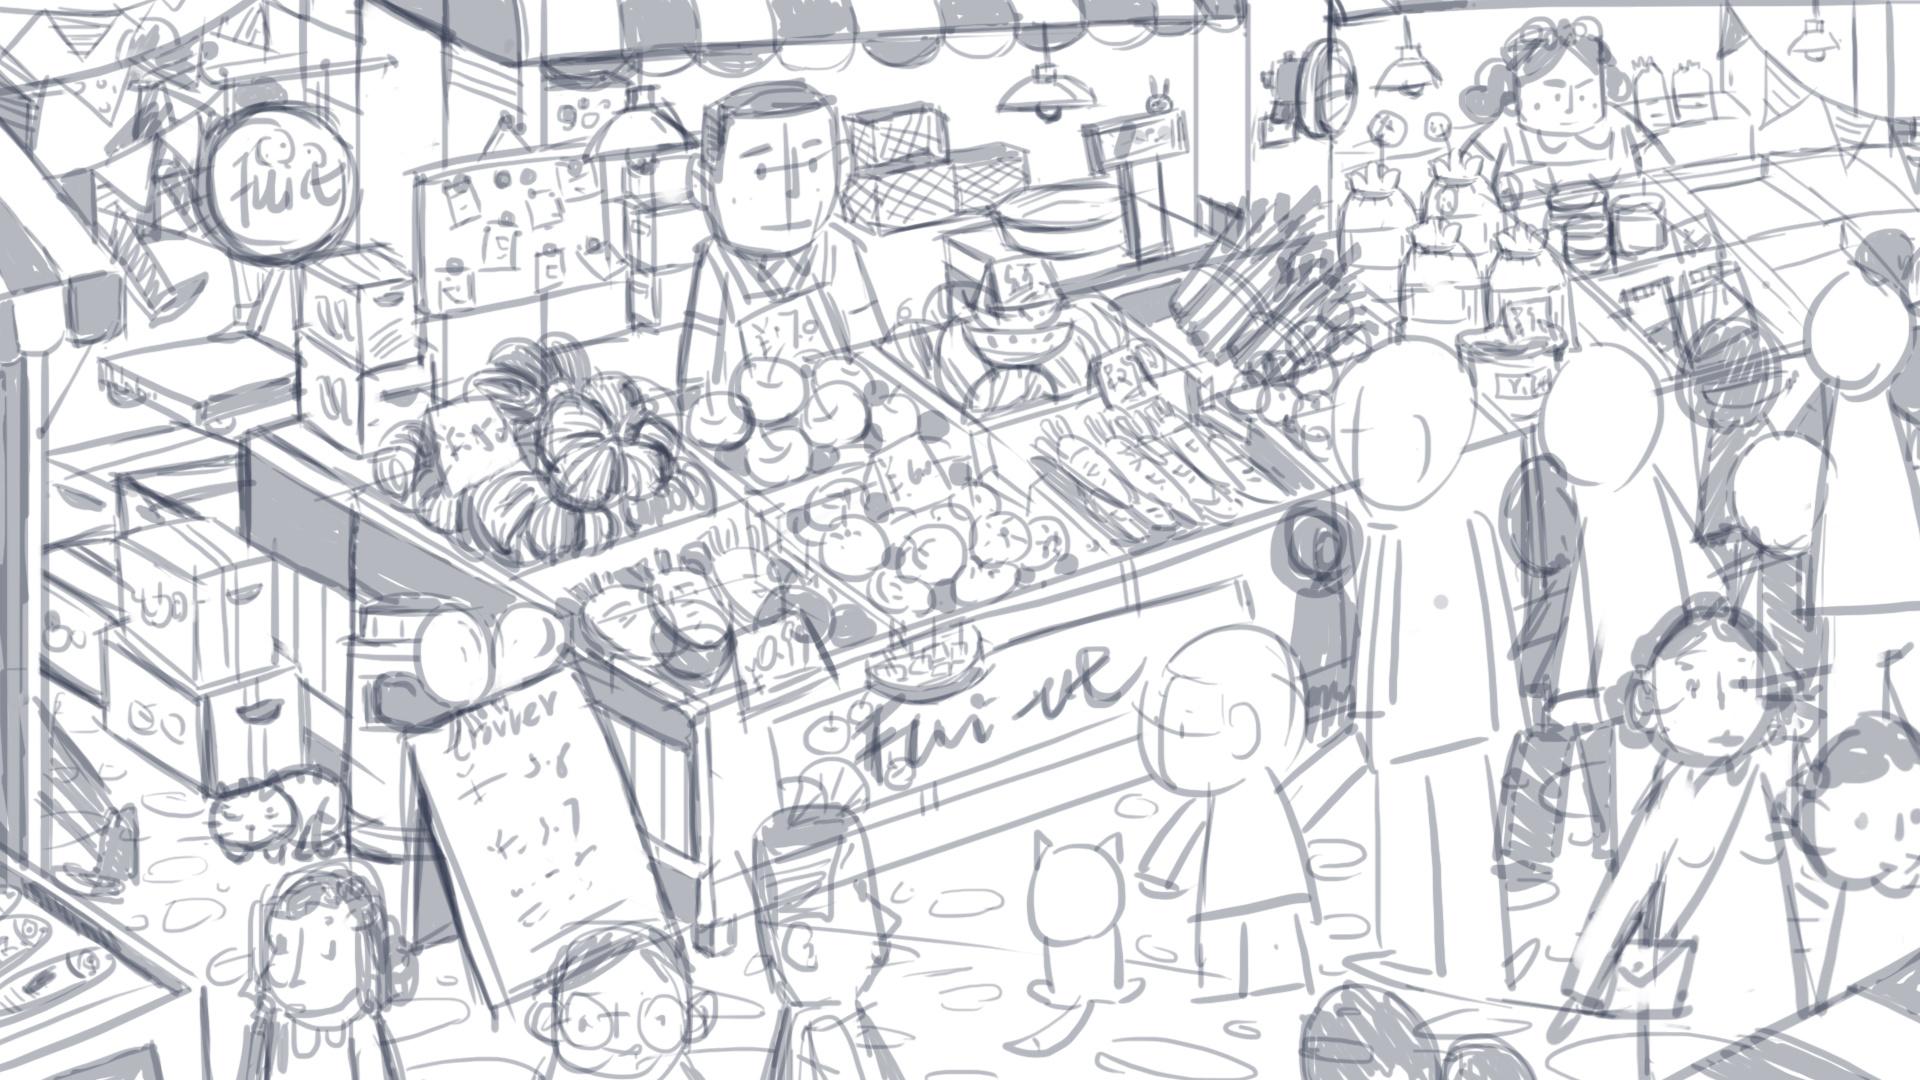 菜市场动画场景